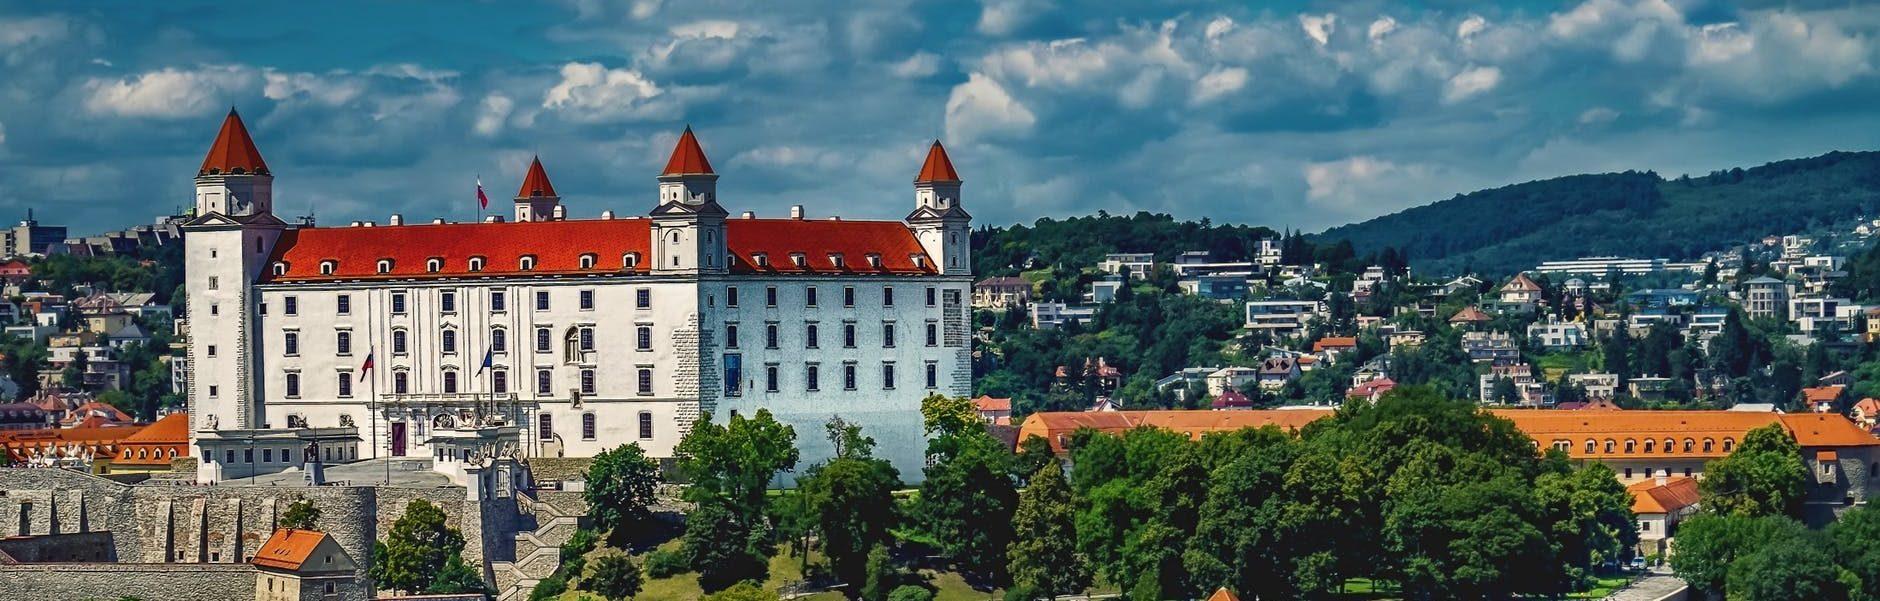 Slovak Studies Association